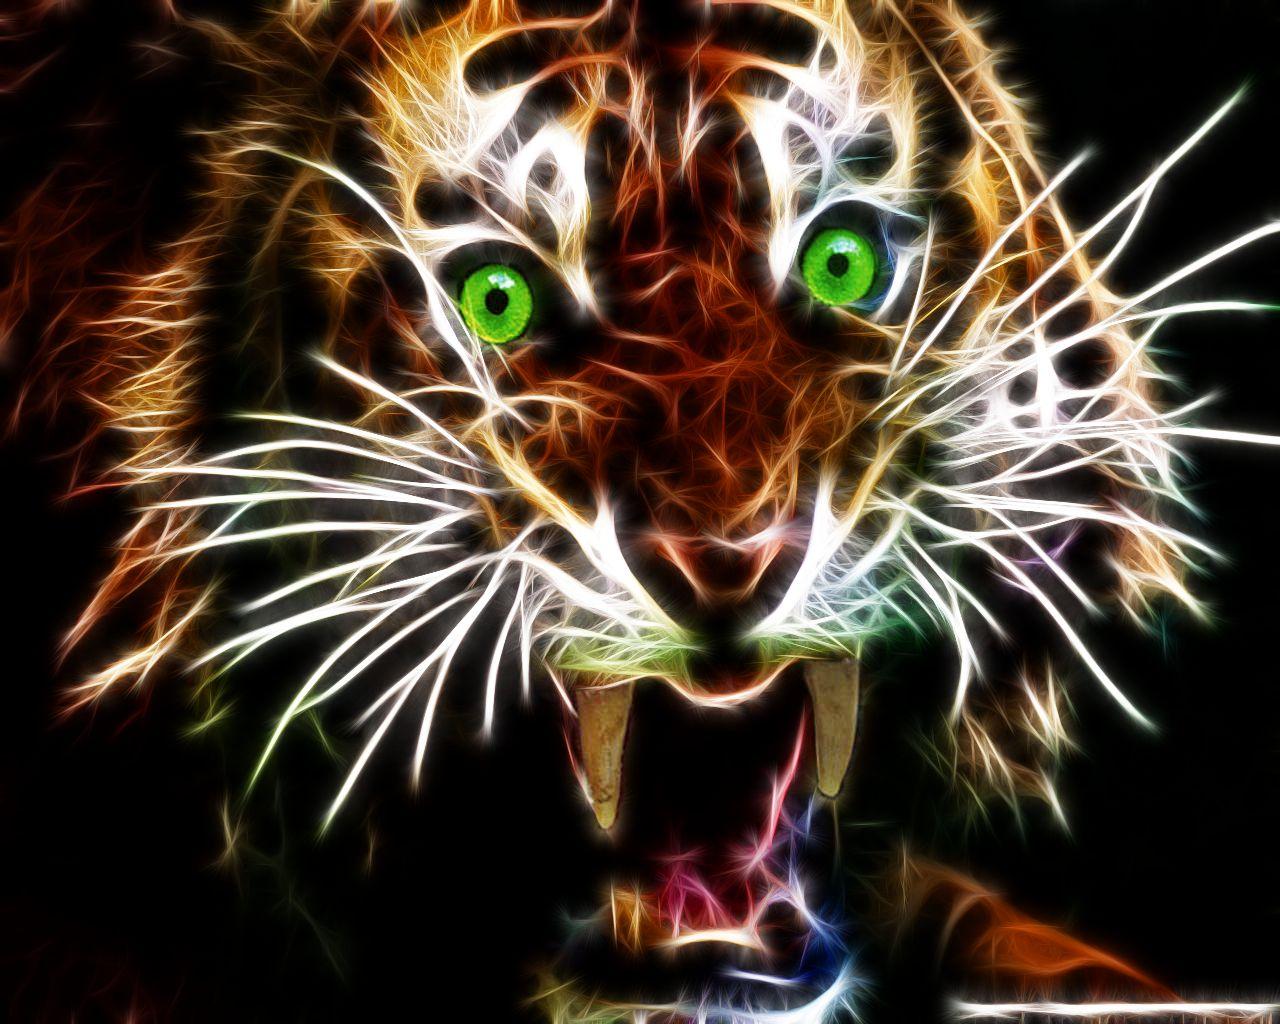 tiger fractal cats e - photo #48